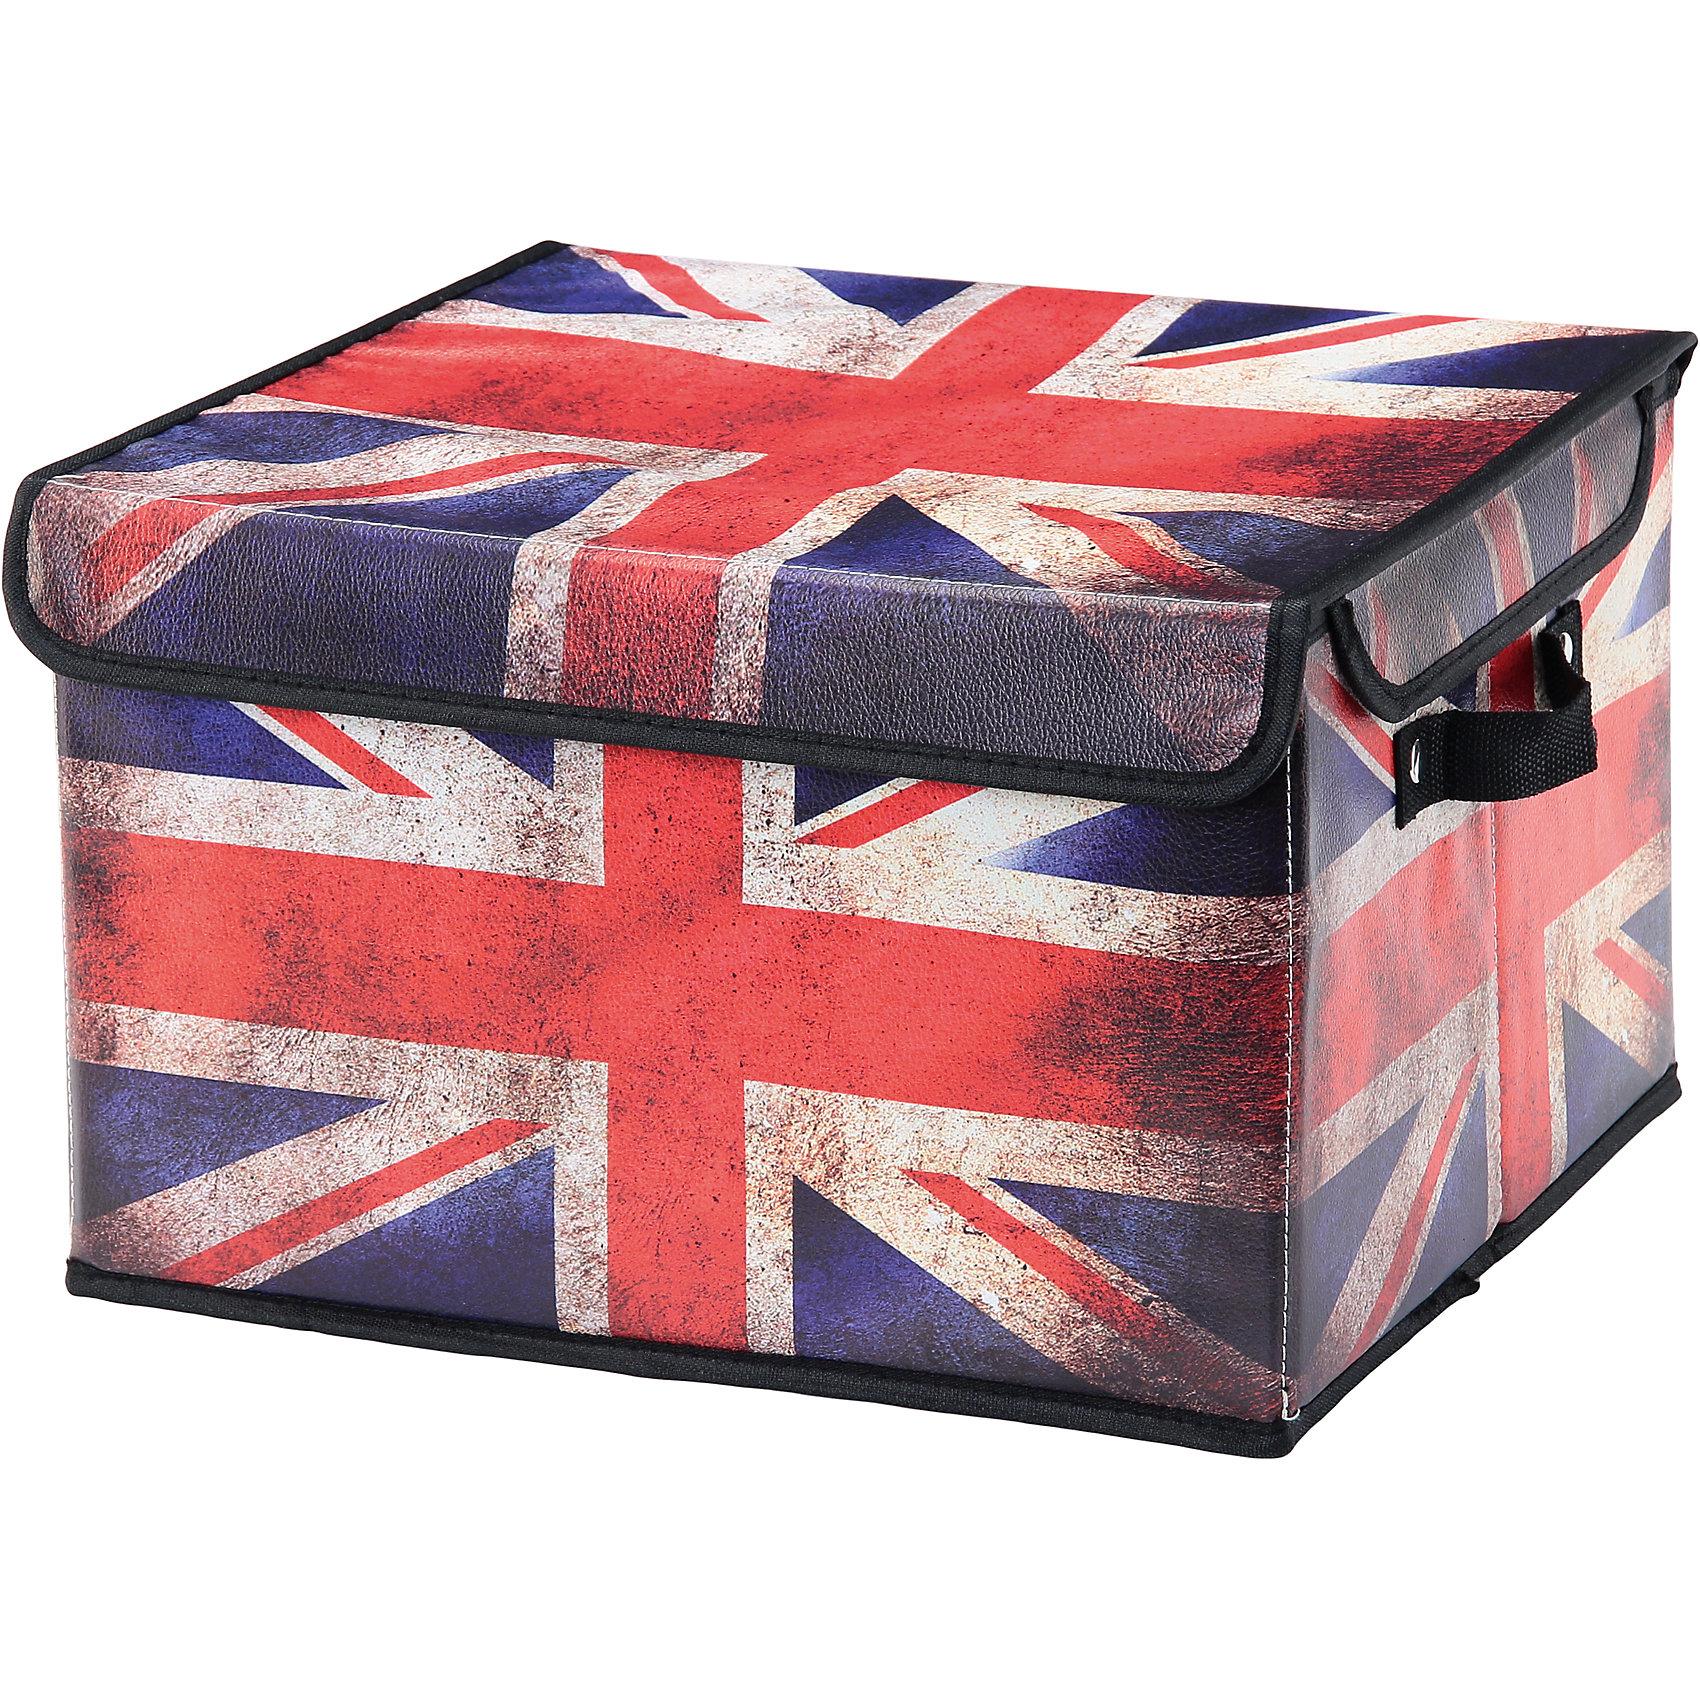 Кофр складной для хранения 37*31*23 см. Британский флаг, EL CasaПорядок в детской<br>Характеристики товара:<br><br>• цвет: мульти<br>• материал: текстиль, искусственная кожа<br>• размер: 37х31х23 см<br>• вес: 500 г<br>• застежка: липучка<br>• декорирован принтом<br>• складывается и раскладывается одним движением<br>• удобный<br>• с двумя ручками<br>• универсальный размер<br>• страна бренда: Российская Федерация<br>• страна производства: Китай<br><br>Такой кофр - отличный пример красивой и функциональной вещи для любого интерьера. В нем удобной хранить различные мелочи, благодаря универсальному дизайну и расцветке он хорошо будет смотреться в помещении.<br><br>Кофр с жёстким каркасом для хранения может стать отличным приобретением для дома или подарком для любителей красивых оригинальных вещей.<br><br>Бренд EL Casa - это красивые и практичные товары для дома с современным дизайном. Они добавляют в жильё уюта и комфорта! <br><br>Кофр складной для хранения 37*31*23 см. Британский флаг, EL Casa можно купить в нашем интернет-магазине.<br><br>Ширина мм: 370<br>Глубина мм: 310<br>Высота мм: 20<br>Вес г: 1094<br>Возраст от месяцев: 0<br>Возраст до месяцев: 1188<br>Пол: Унисекс<br>Возраст: Детский<br>SKU: 6668659